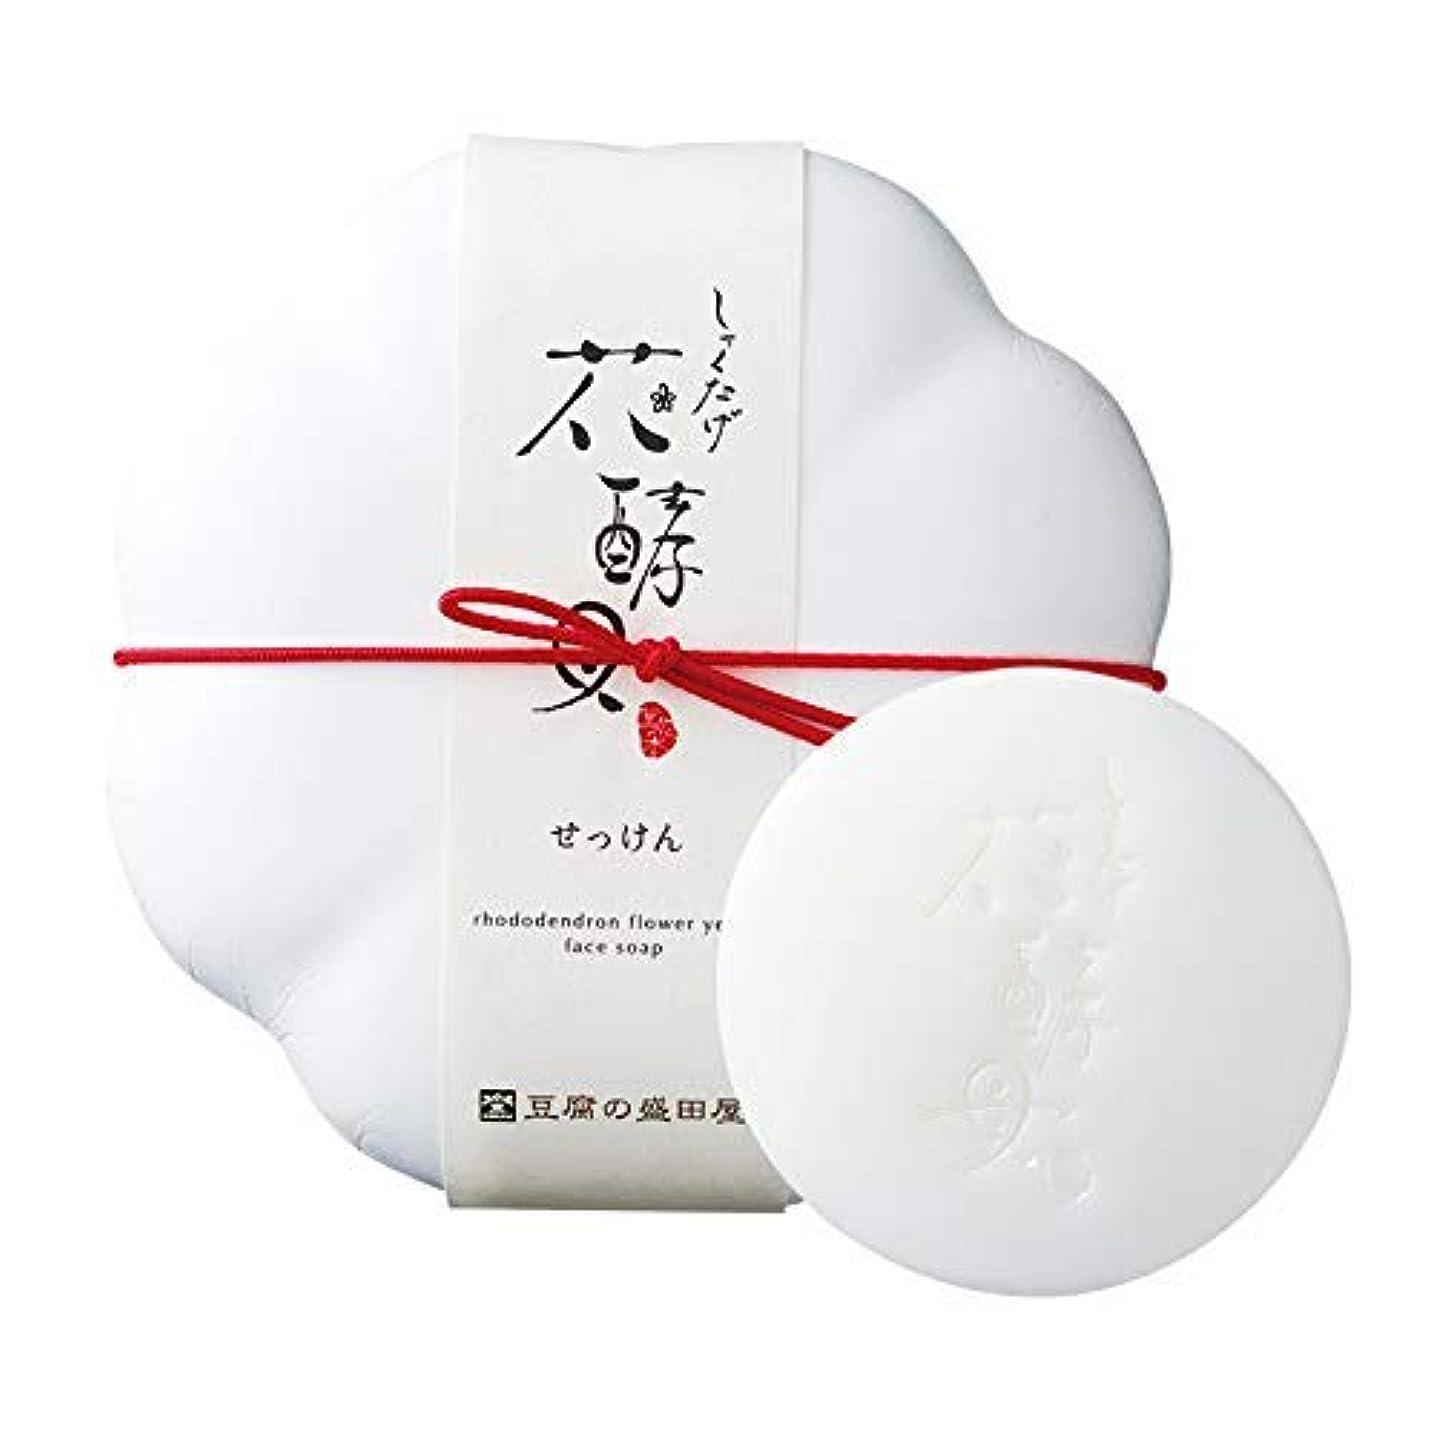 役割放棄された認知豆腐の盛田屋 豆花水 しゃくなげ花酵母せっけん 50g